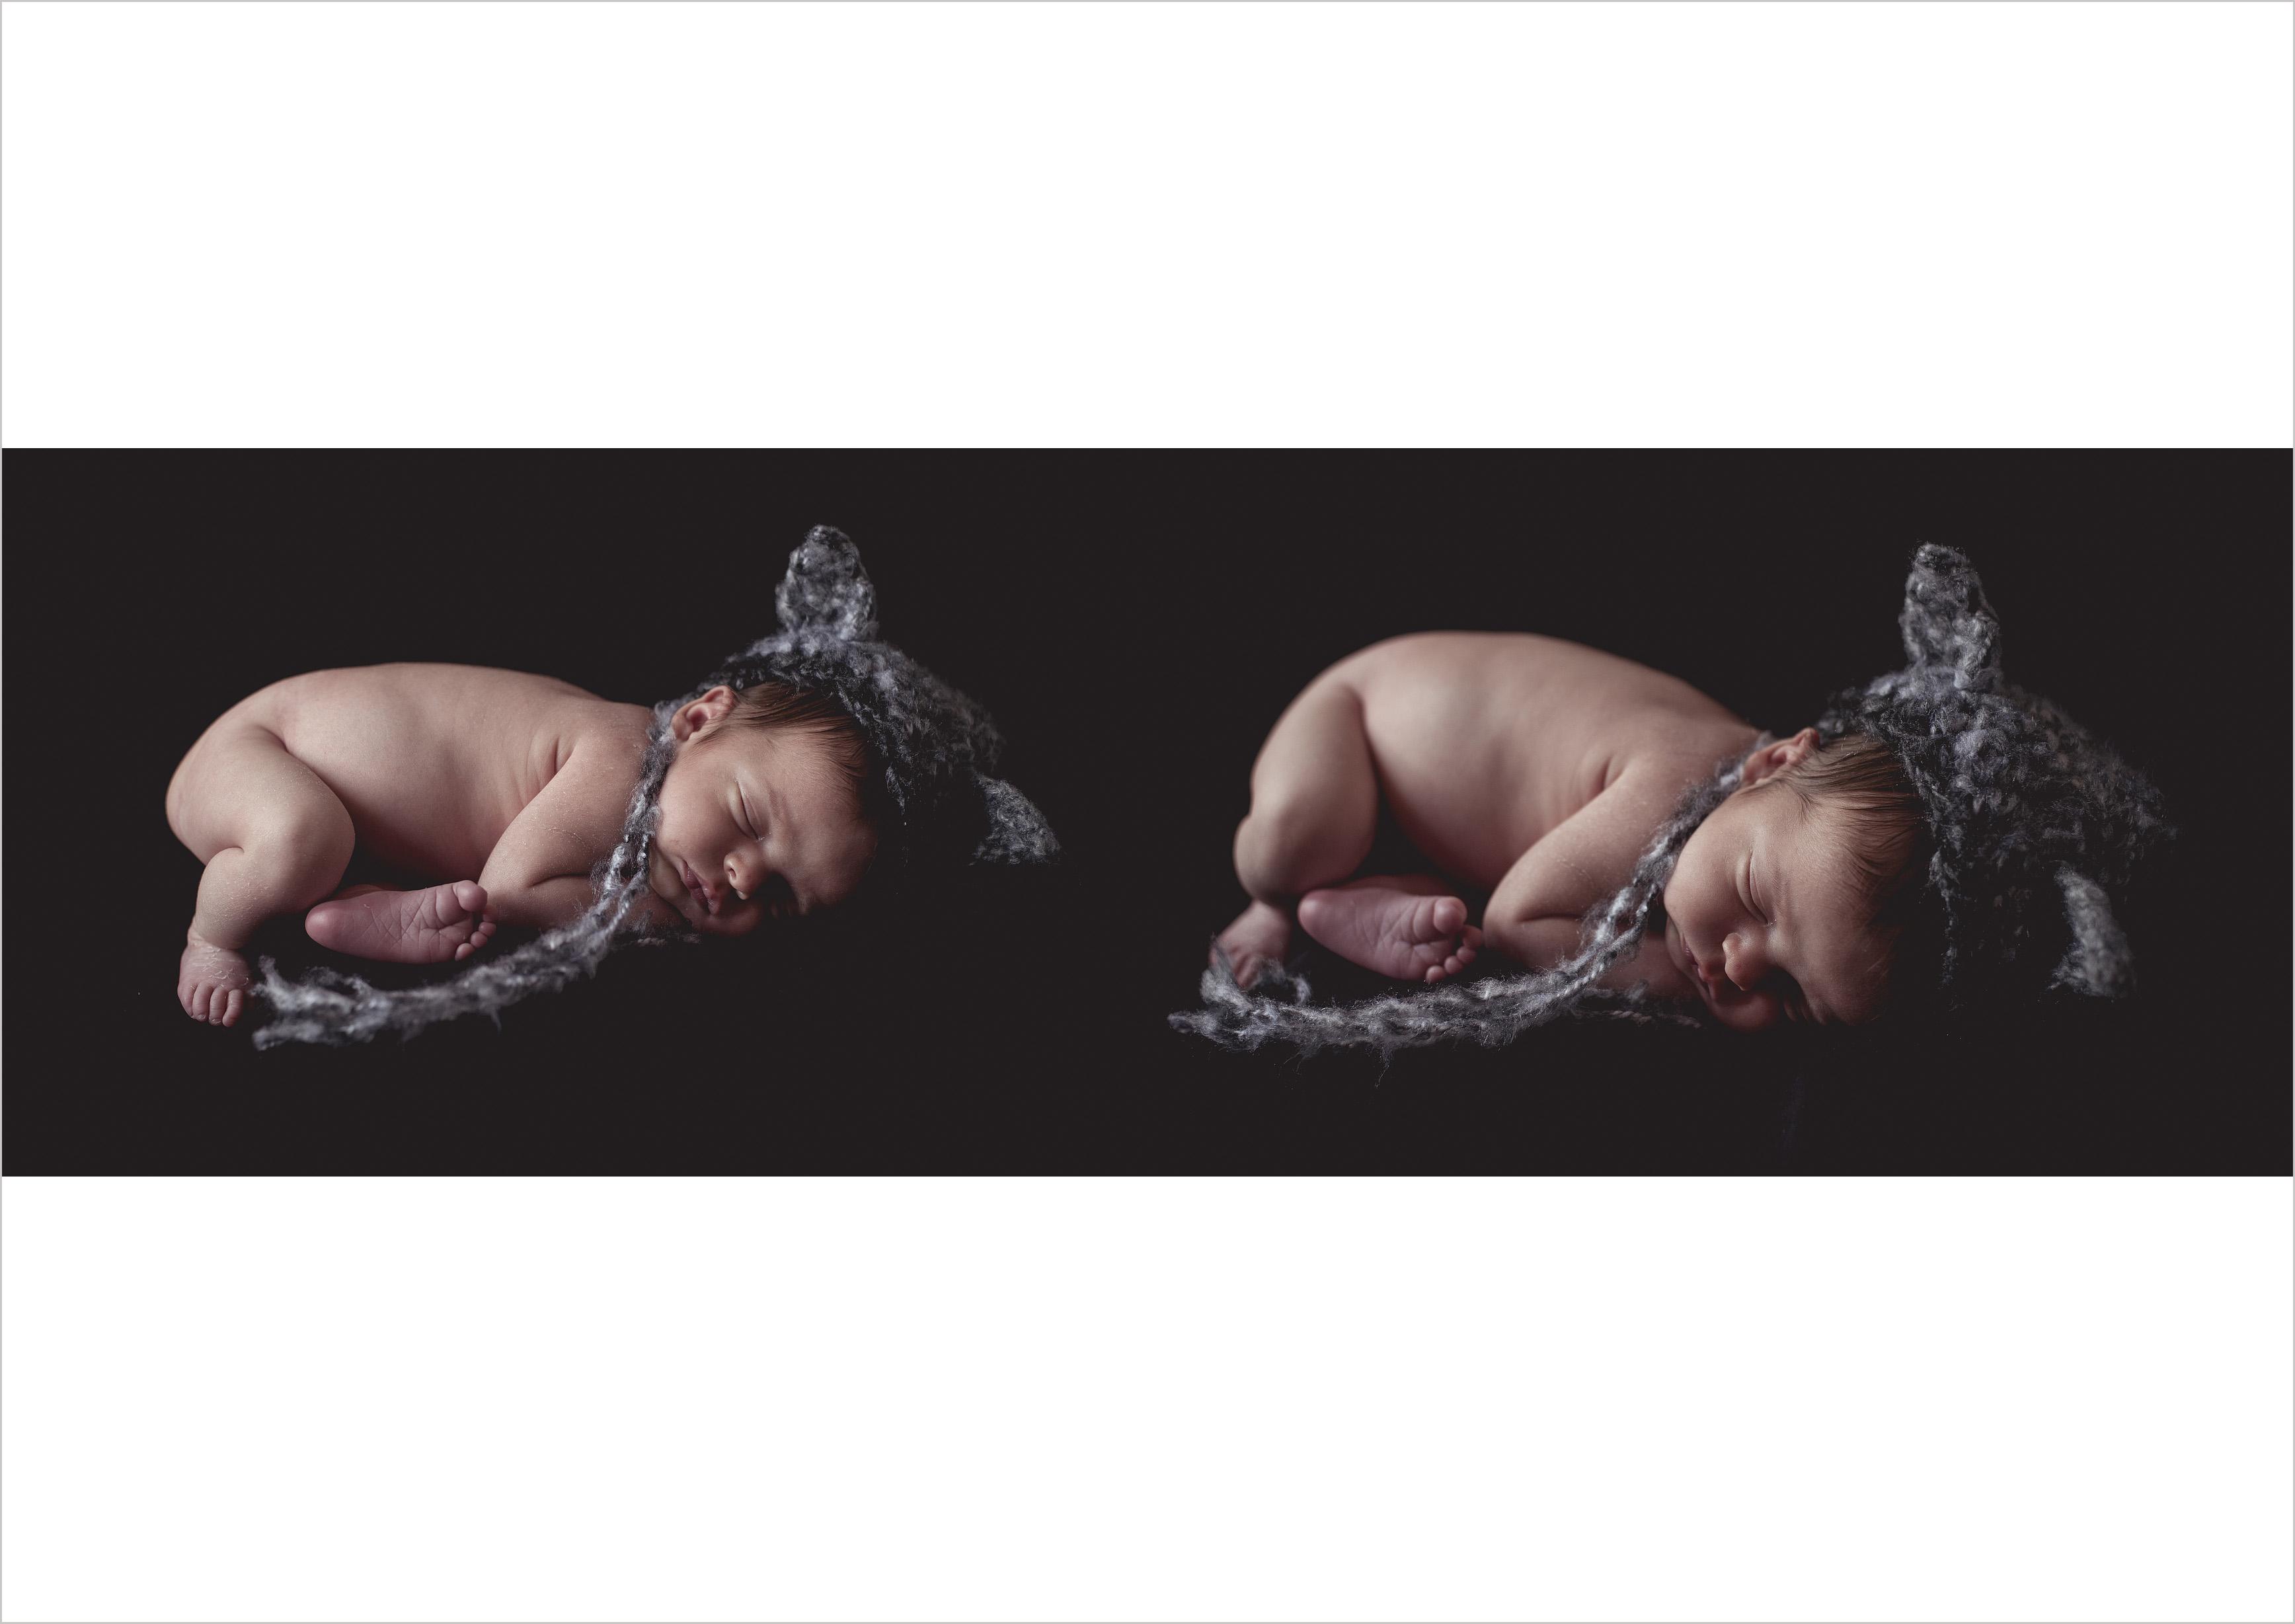 recien nacido, new born, fotos de recien nacido, book, book de fotos, book de fotos bebe, bb, bebe, baby, baby photo, fotografo en zona oeste, fotografo en ramos mejia, fotografo en haedo, fotografo de familia, fotografo de recien nacidos, fotolibro de new born, fotografo Javier Badaracco, Sicomoro Group, Sicomoro, Producciones